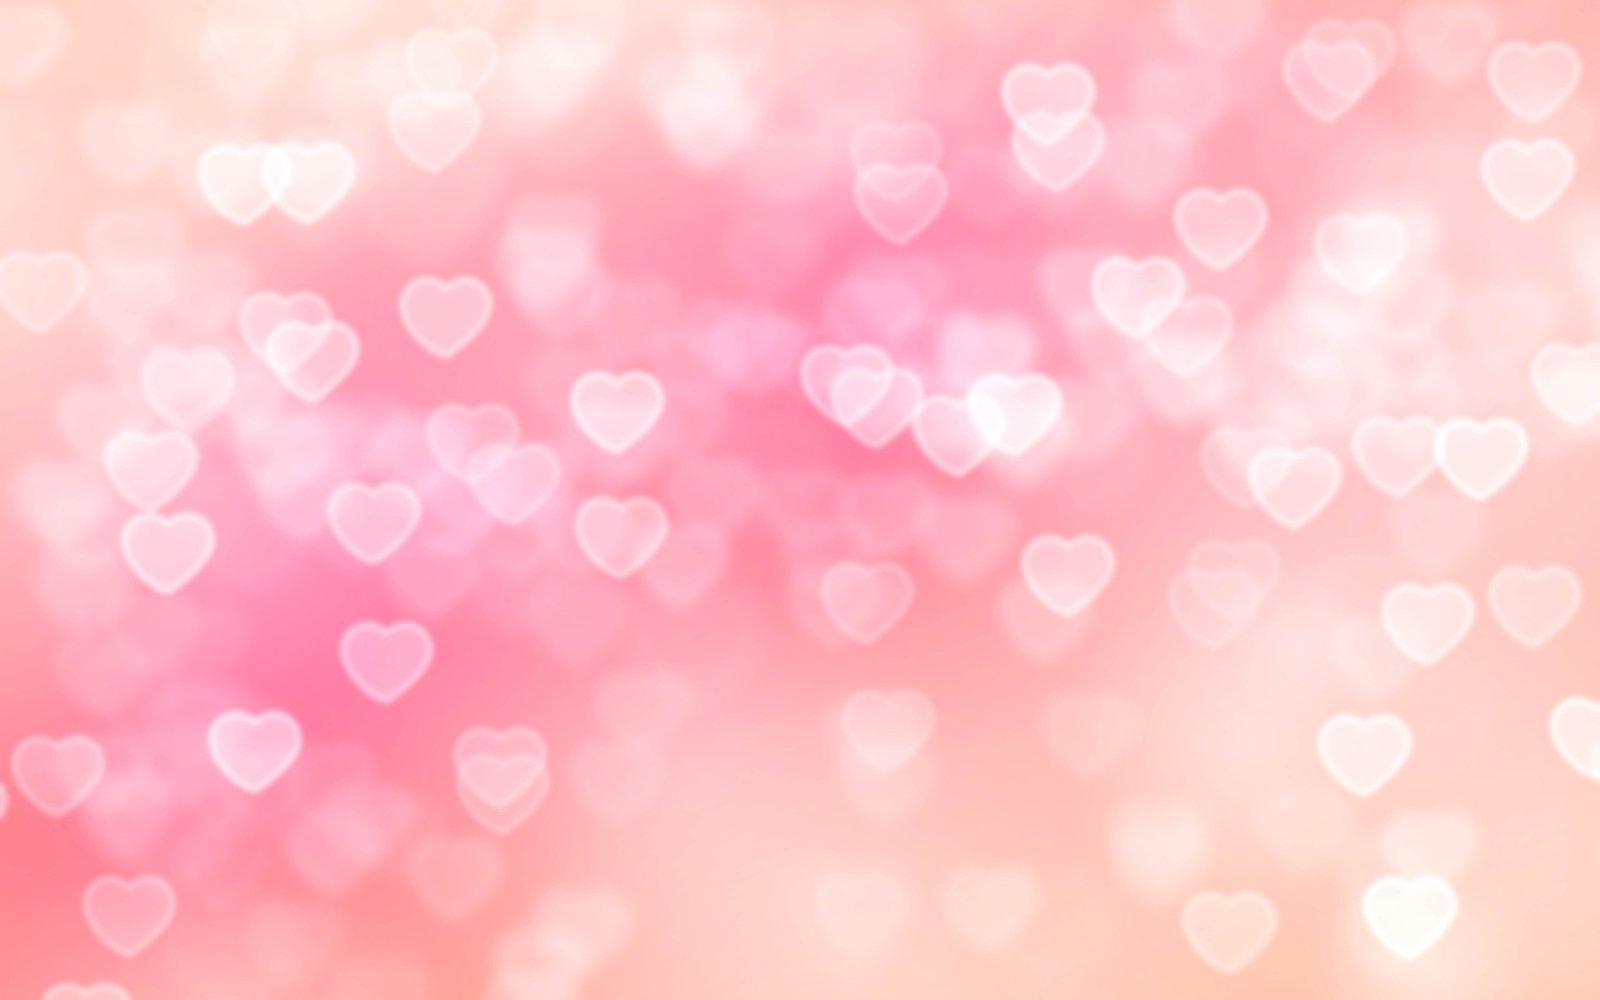 PinkHeartsHero-508495114